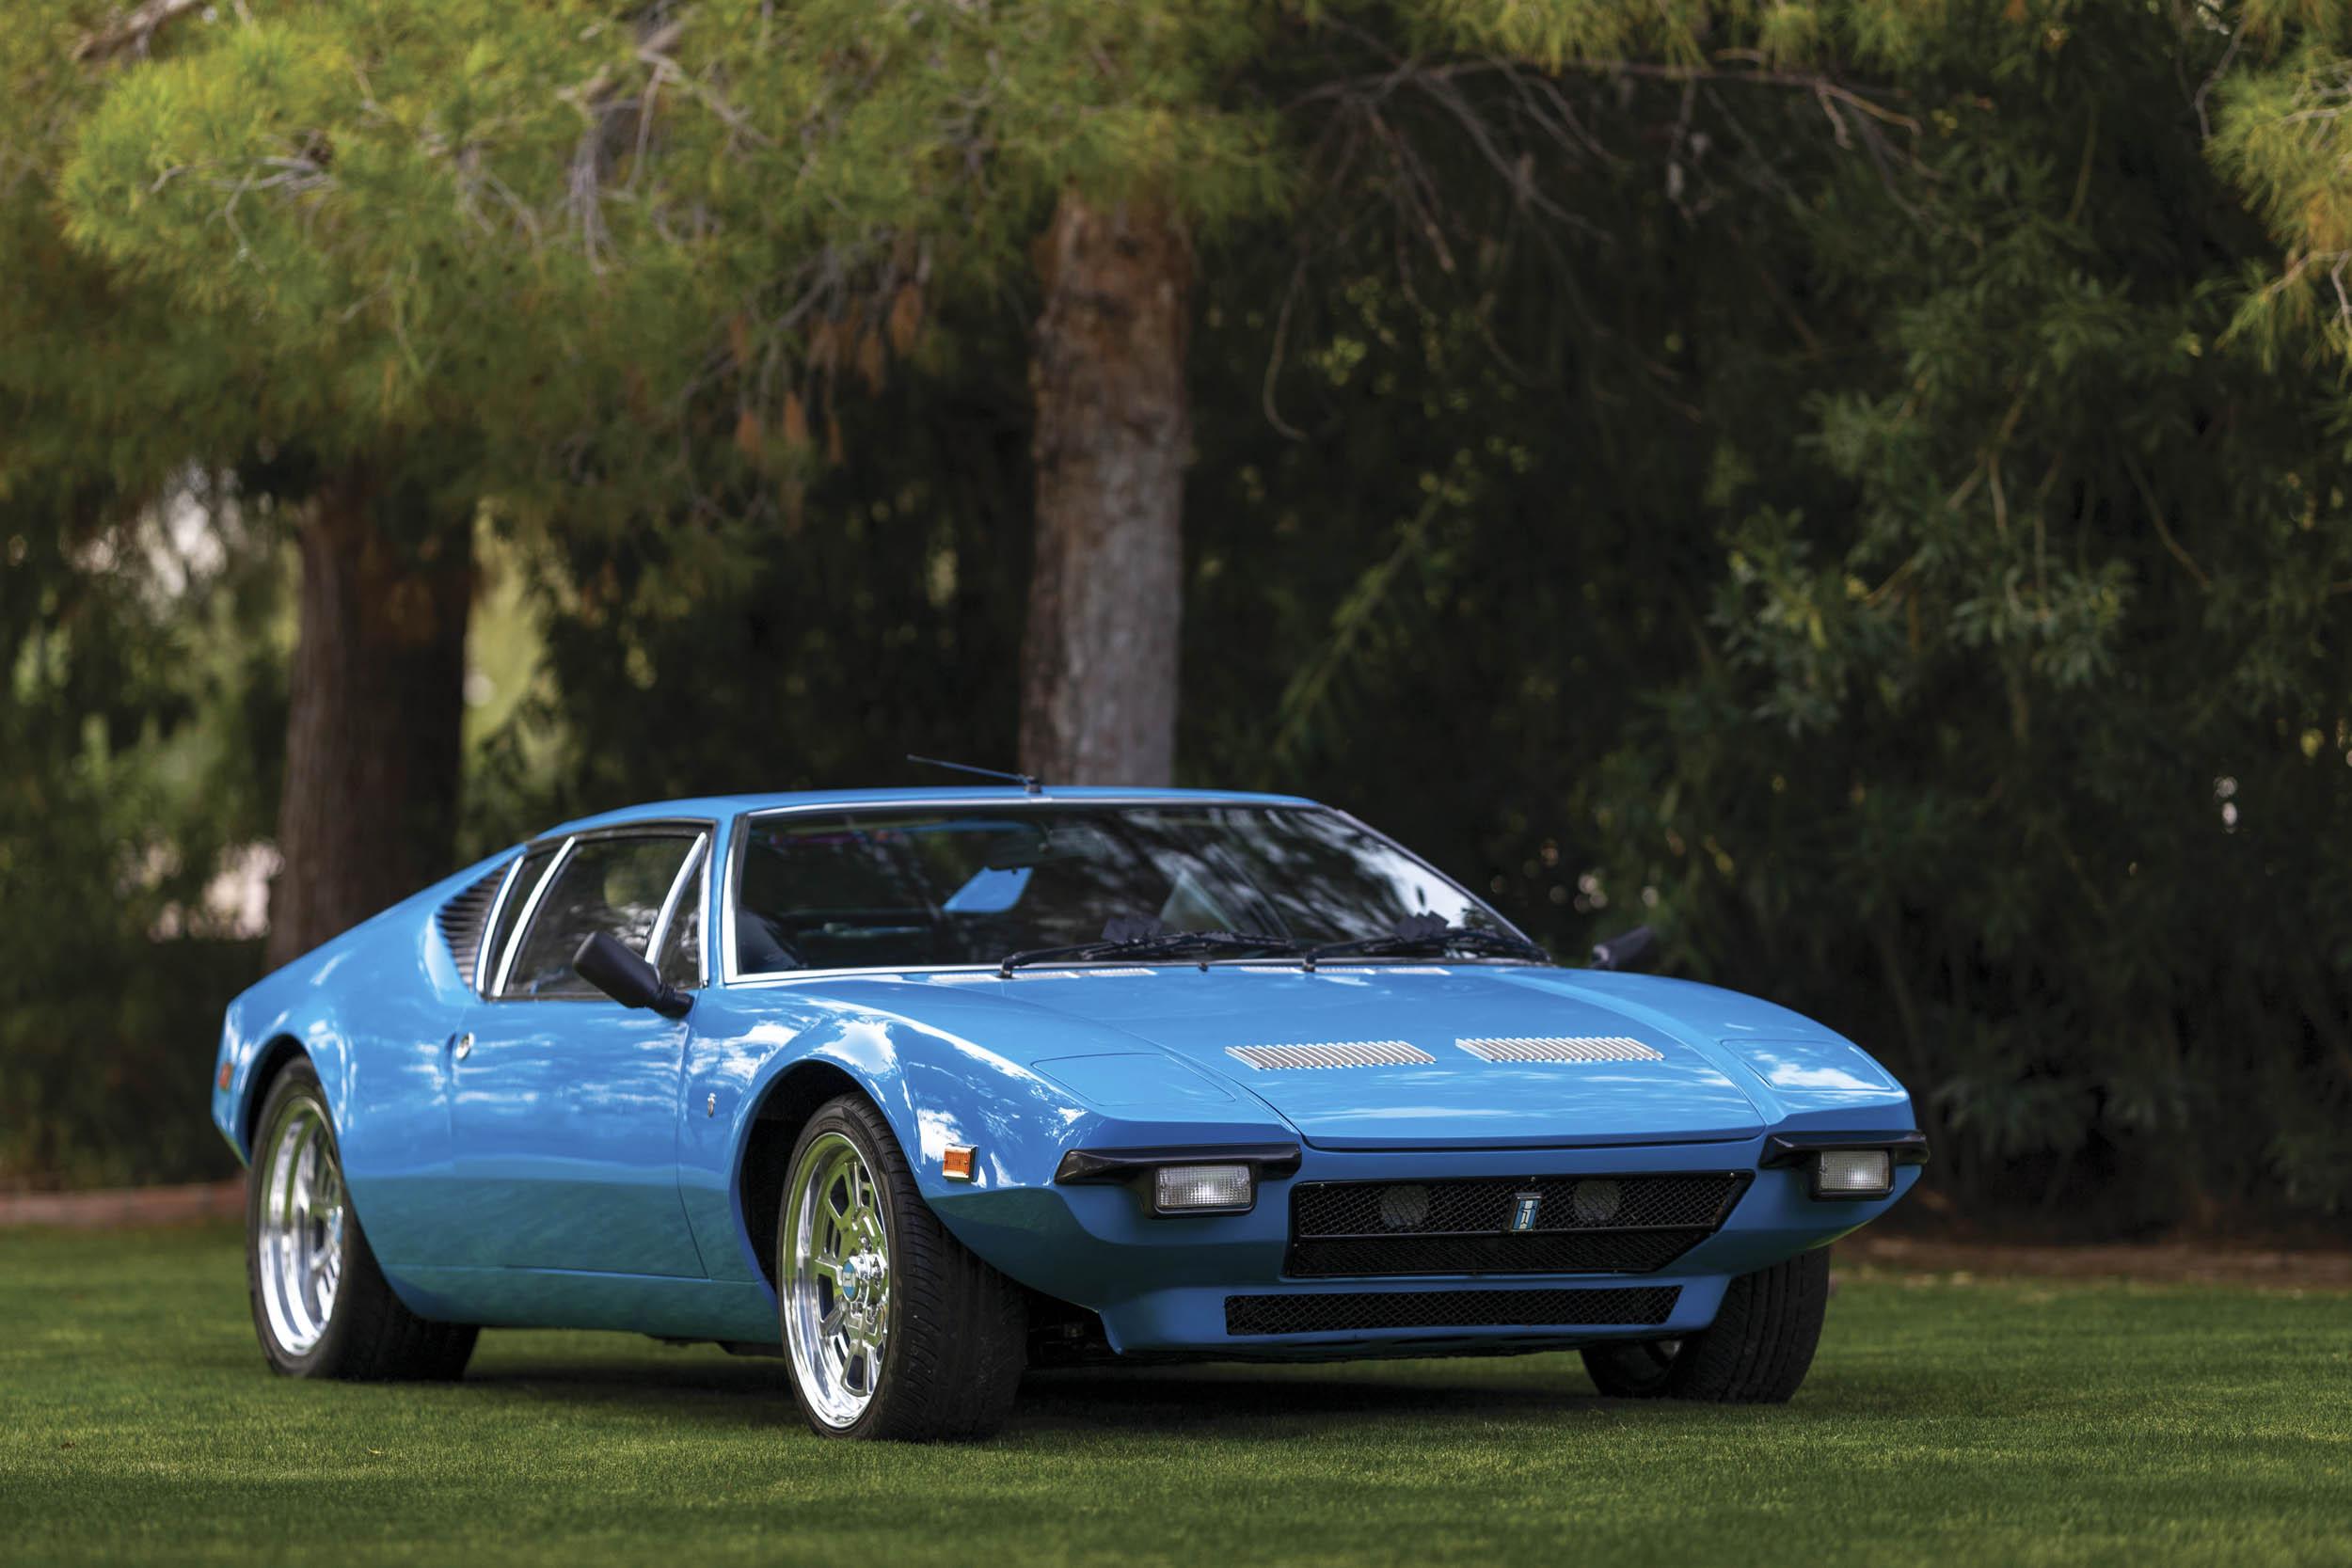 1971 De Tomaso Pantera front 3/4